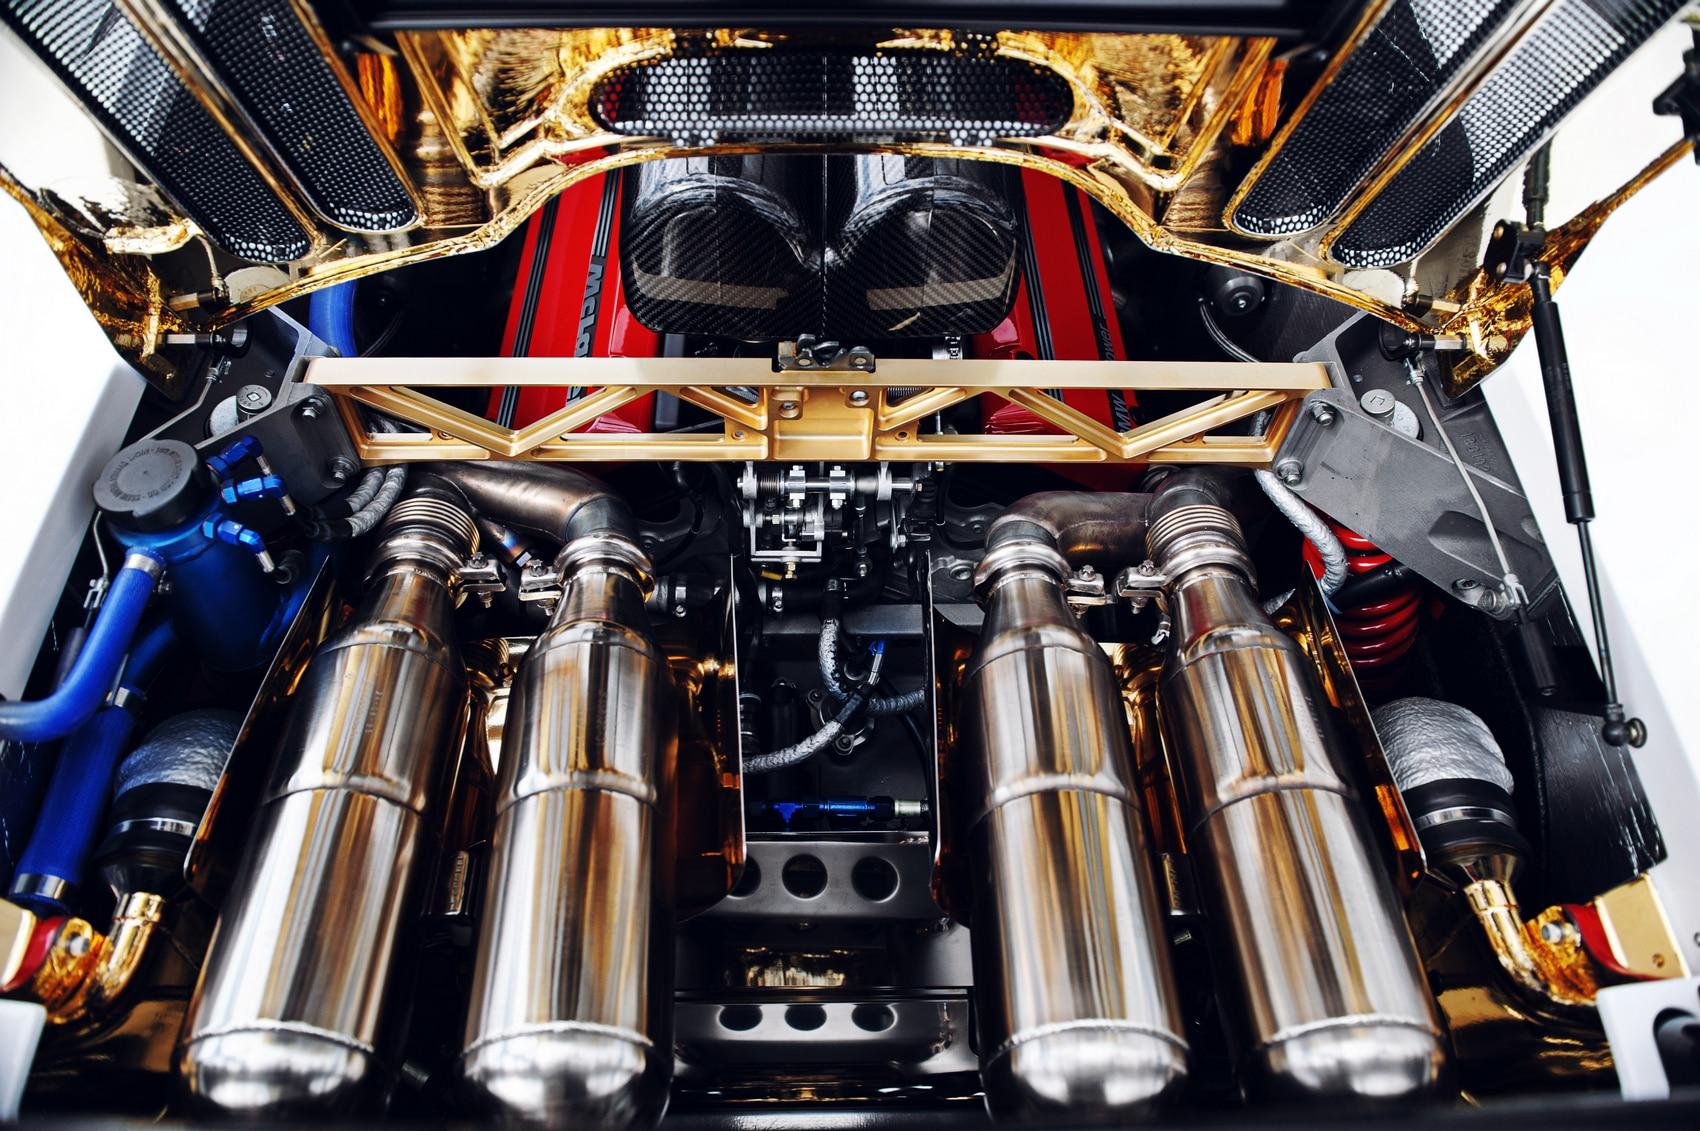 mclaren-f1-bmw-12-cilindri